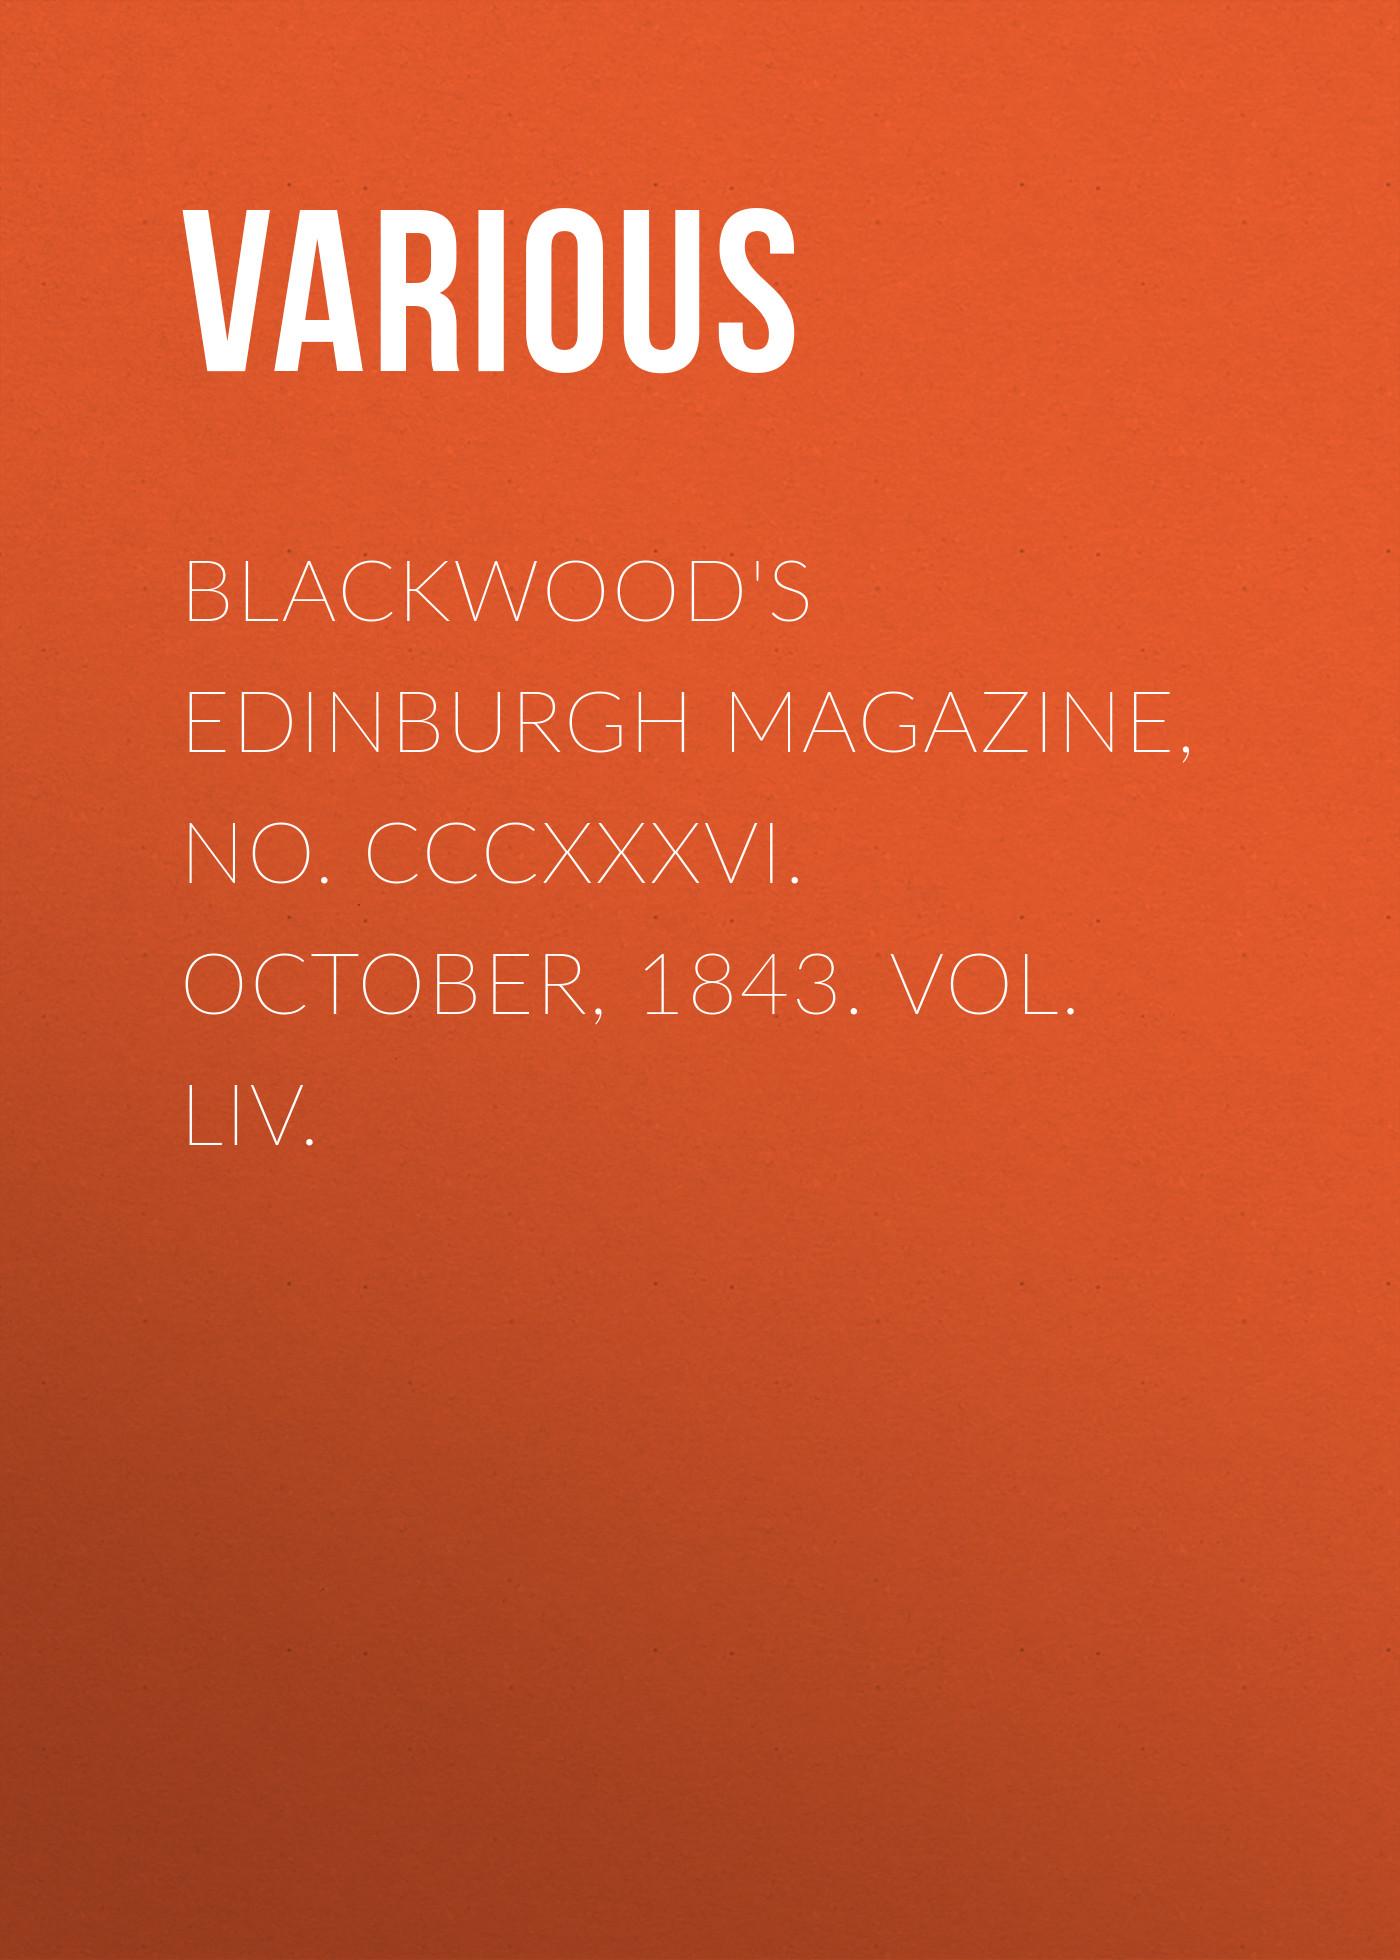 Various Blackwood's Edinburgh Magazine, No. CCCXXXVI. October, 1843. Vol. LIV. october